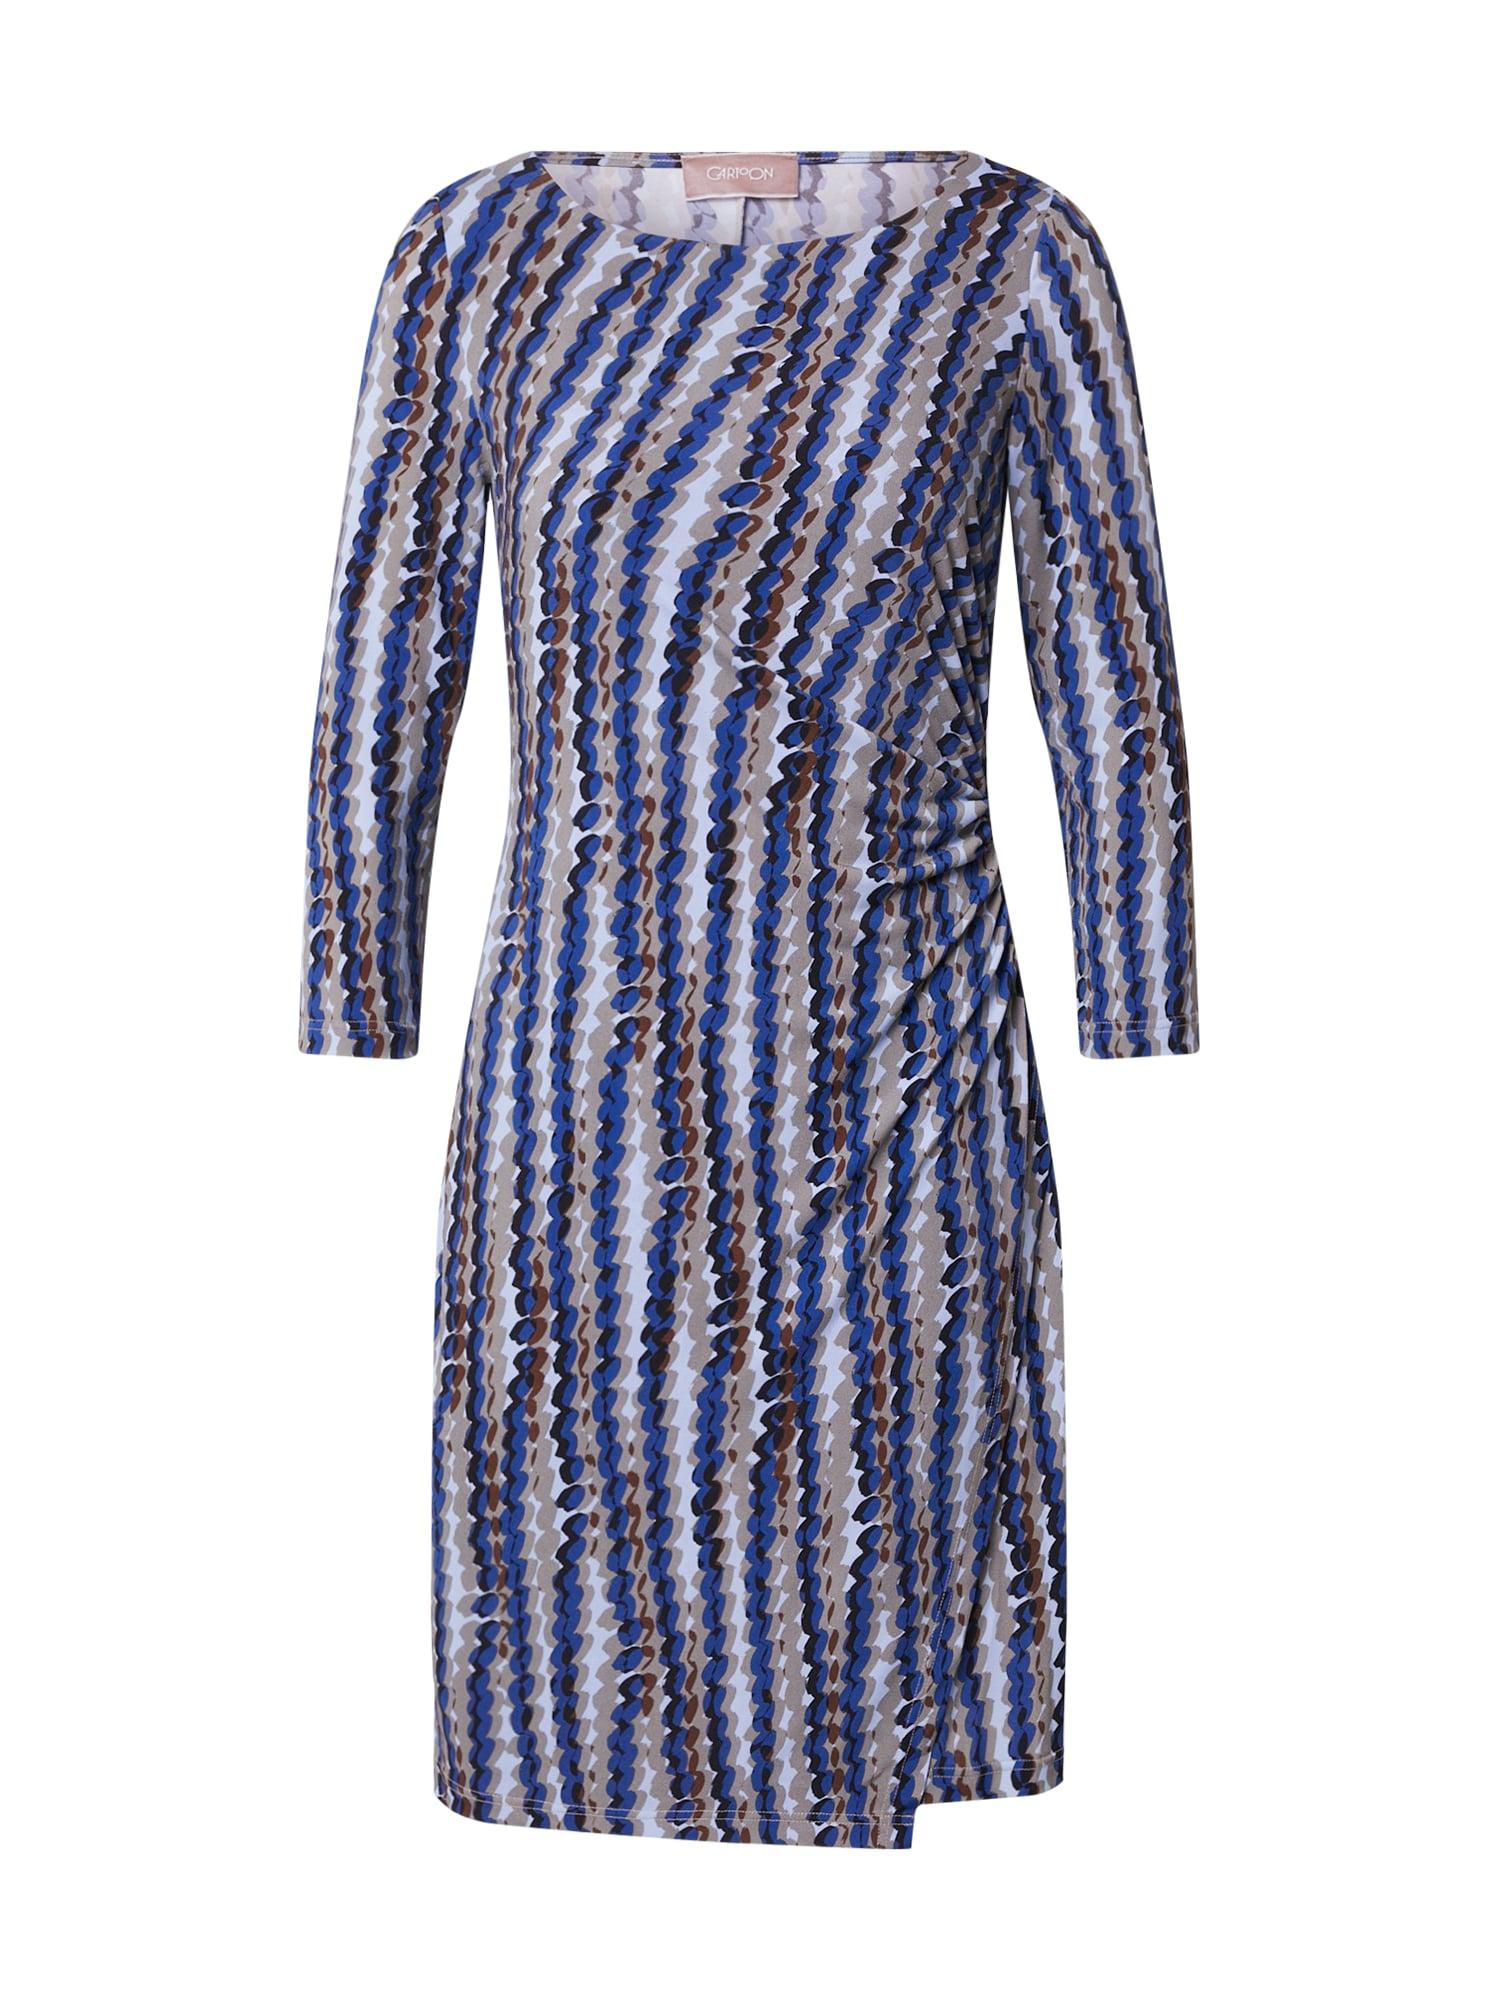 Cartoon Suknelė mėlyna / ruda / pilka / šviesiai mėlyna / kaštoninė spalva